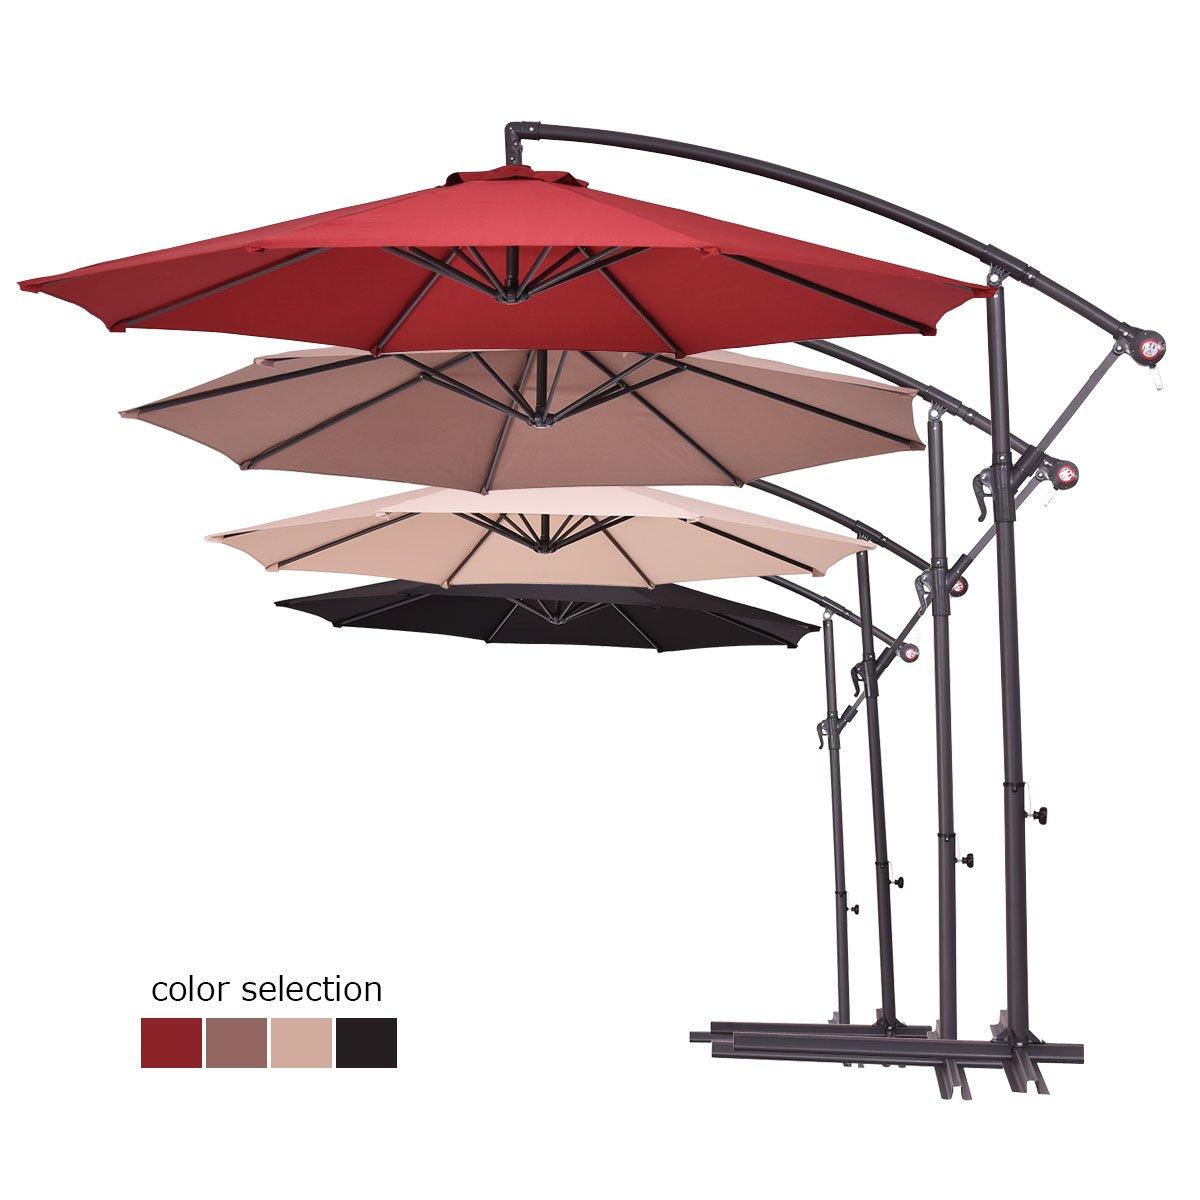 Costway 2.7M Outdoor Parasol Sun Shade Cantilever Banana Hanging Umbrella Patio Garden (Burgundy)